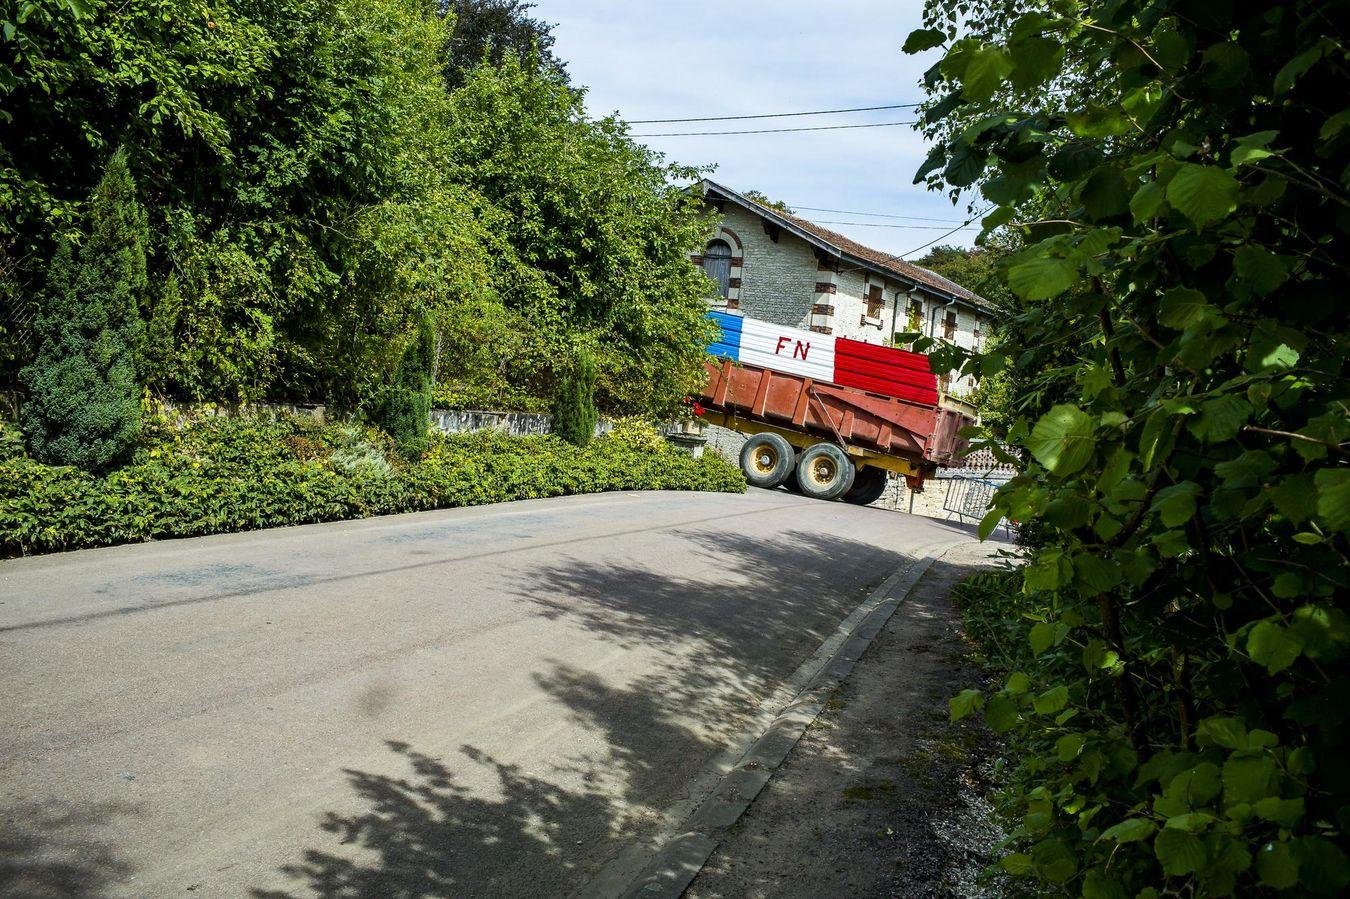 Traktor mit FN-Farben, der zum Anlass des politischen Meetings von Marine Le Pen in Brachay nach der Sommerpause am 3. September 2016 das Dorfzentrum blockierte. Foto und Rechte: Laurent Troude, mit freundlicher Genehmigung von Frédérique Roussel.